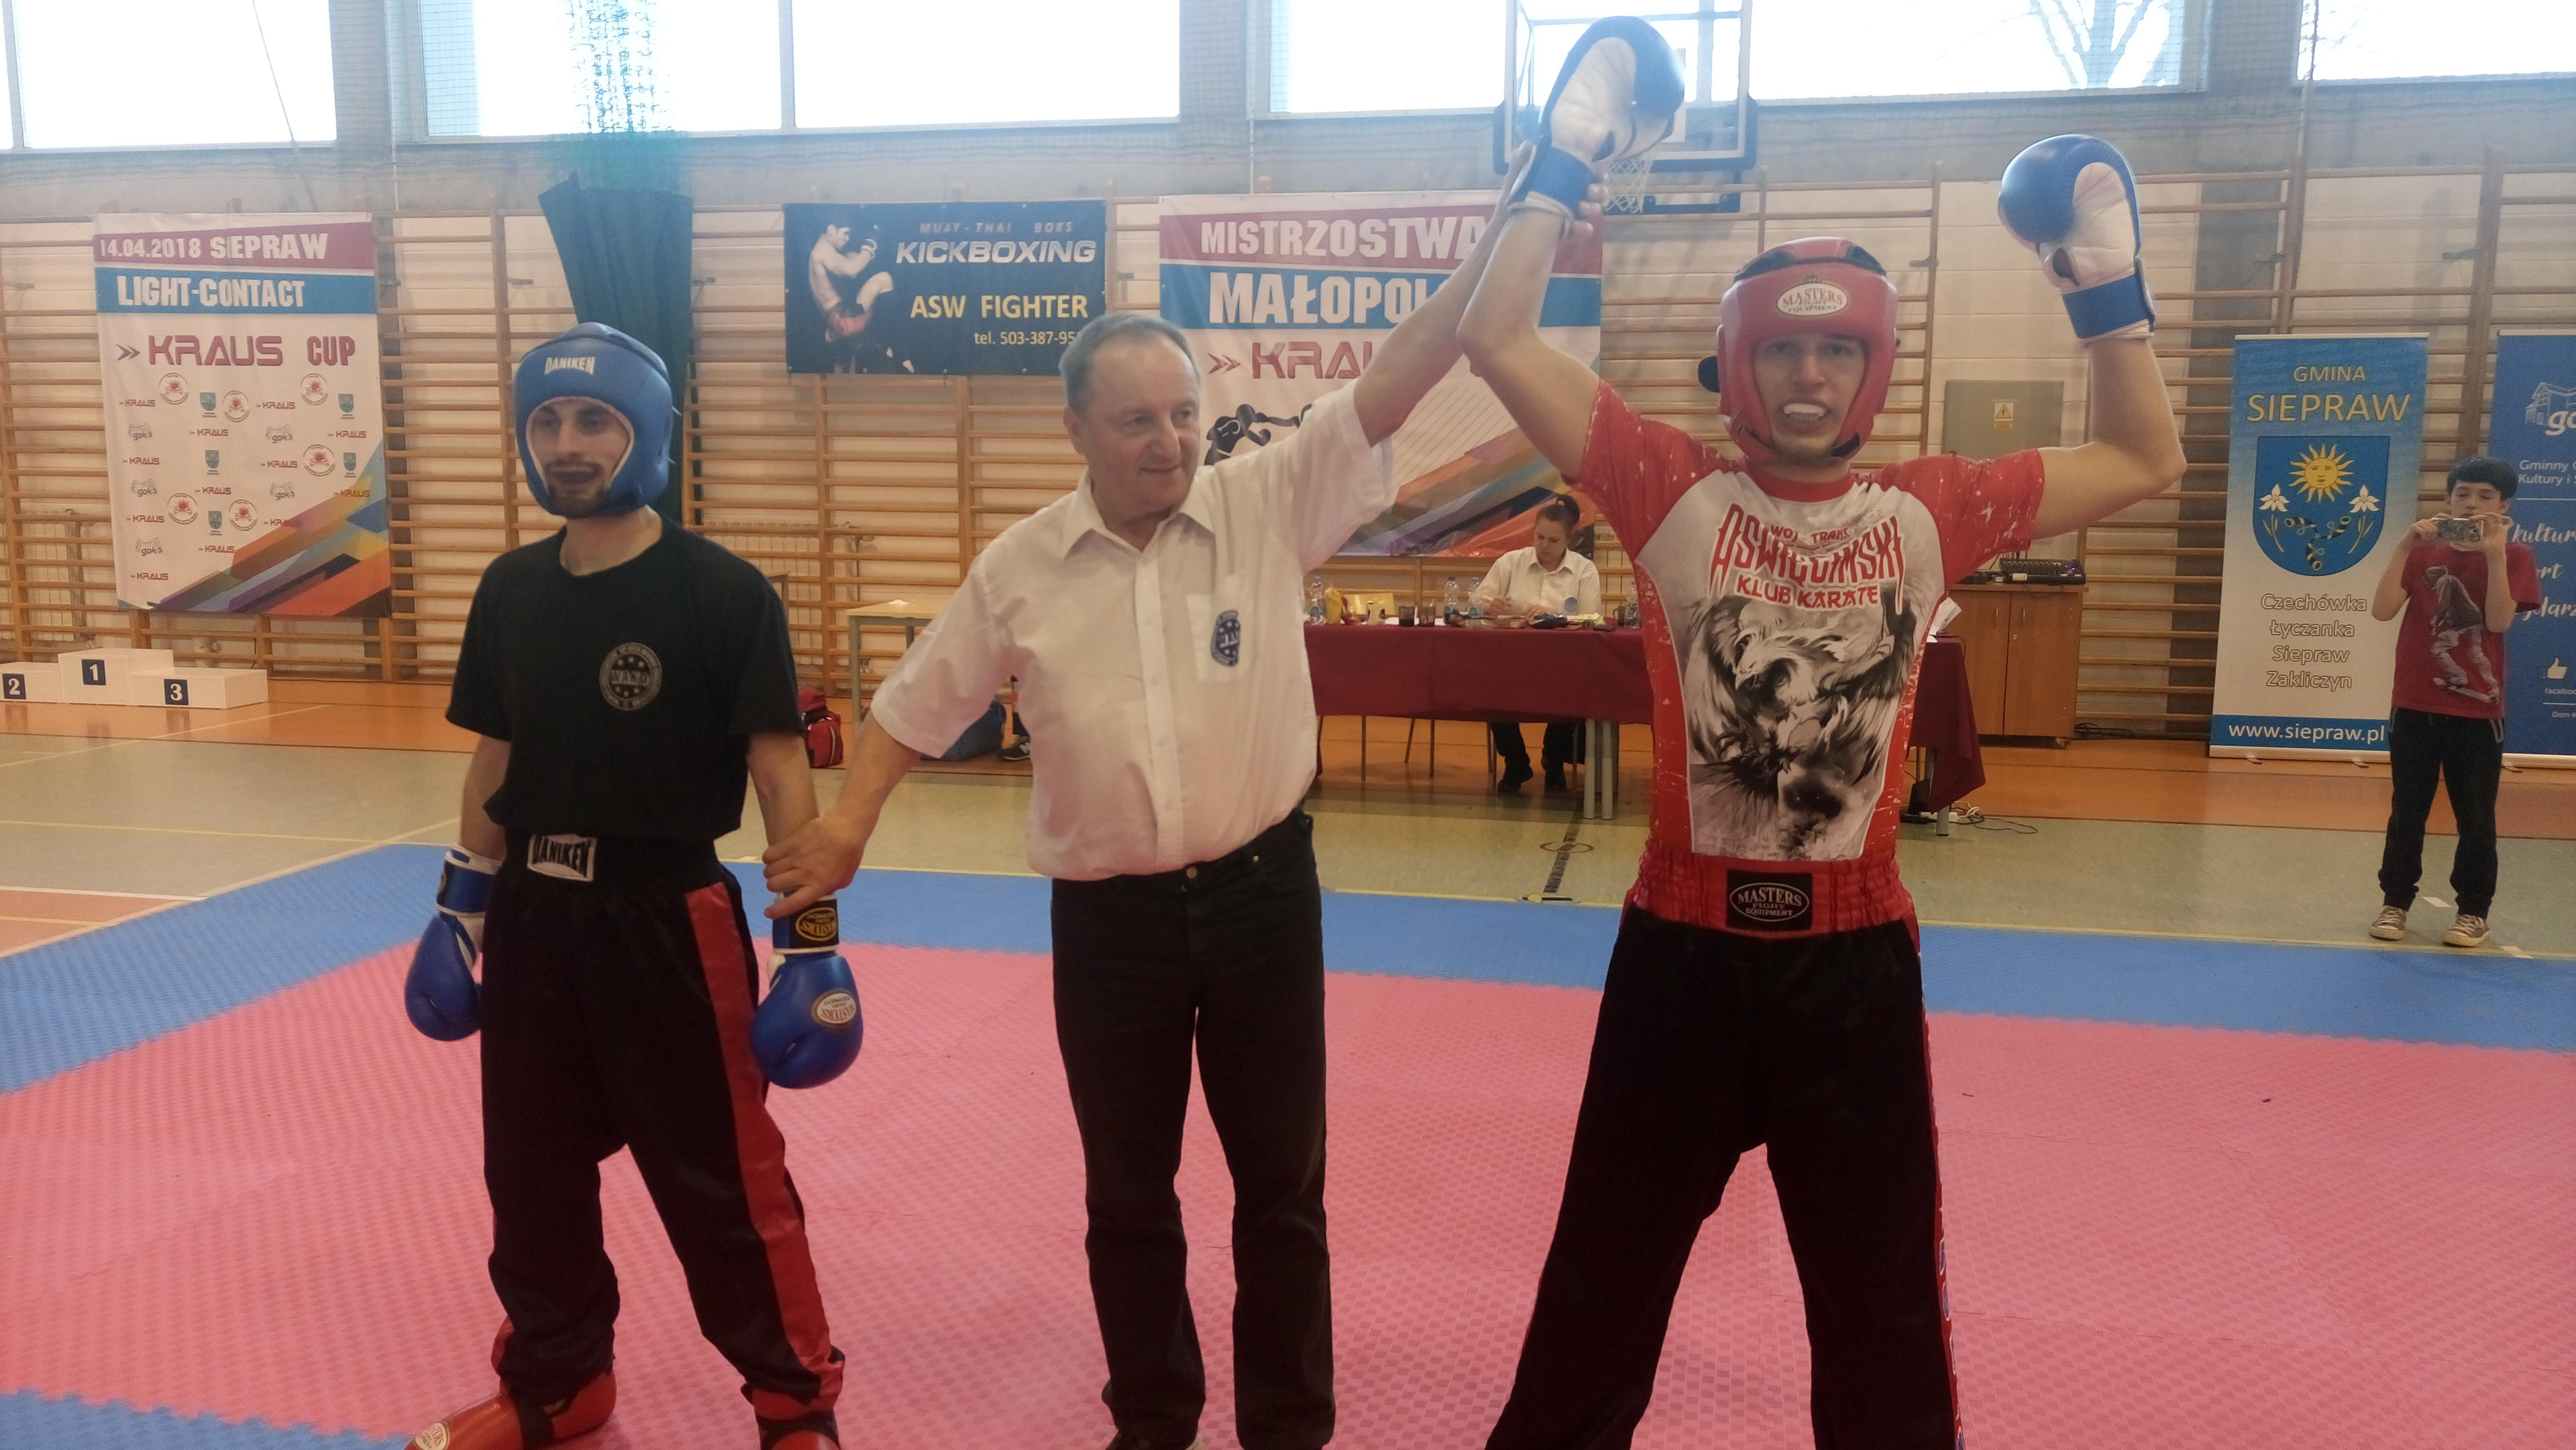 Oświęcimscy kick-boxerzy zdobyli w Sieprawiu cztery medale. Fot. zbiory klubu